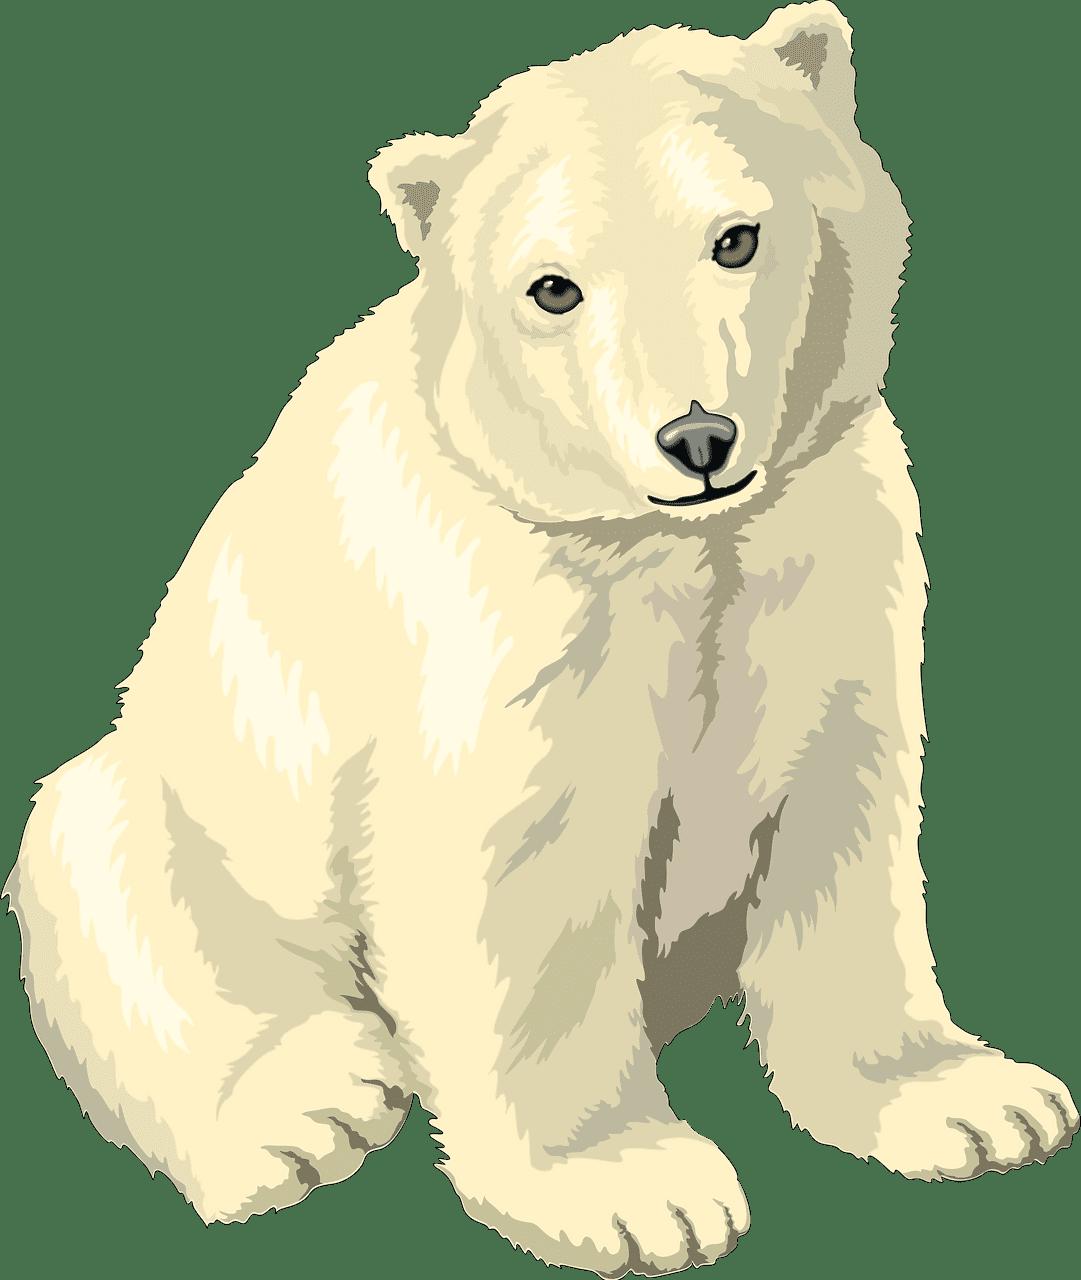 Polar Bear clipart transparent picture